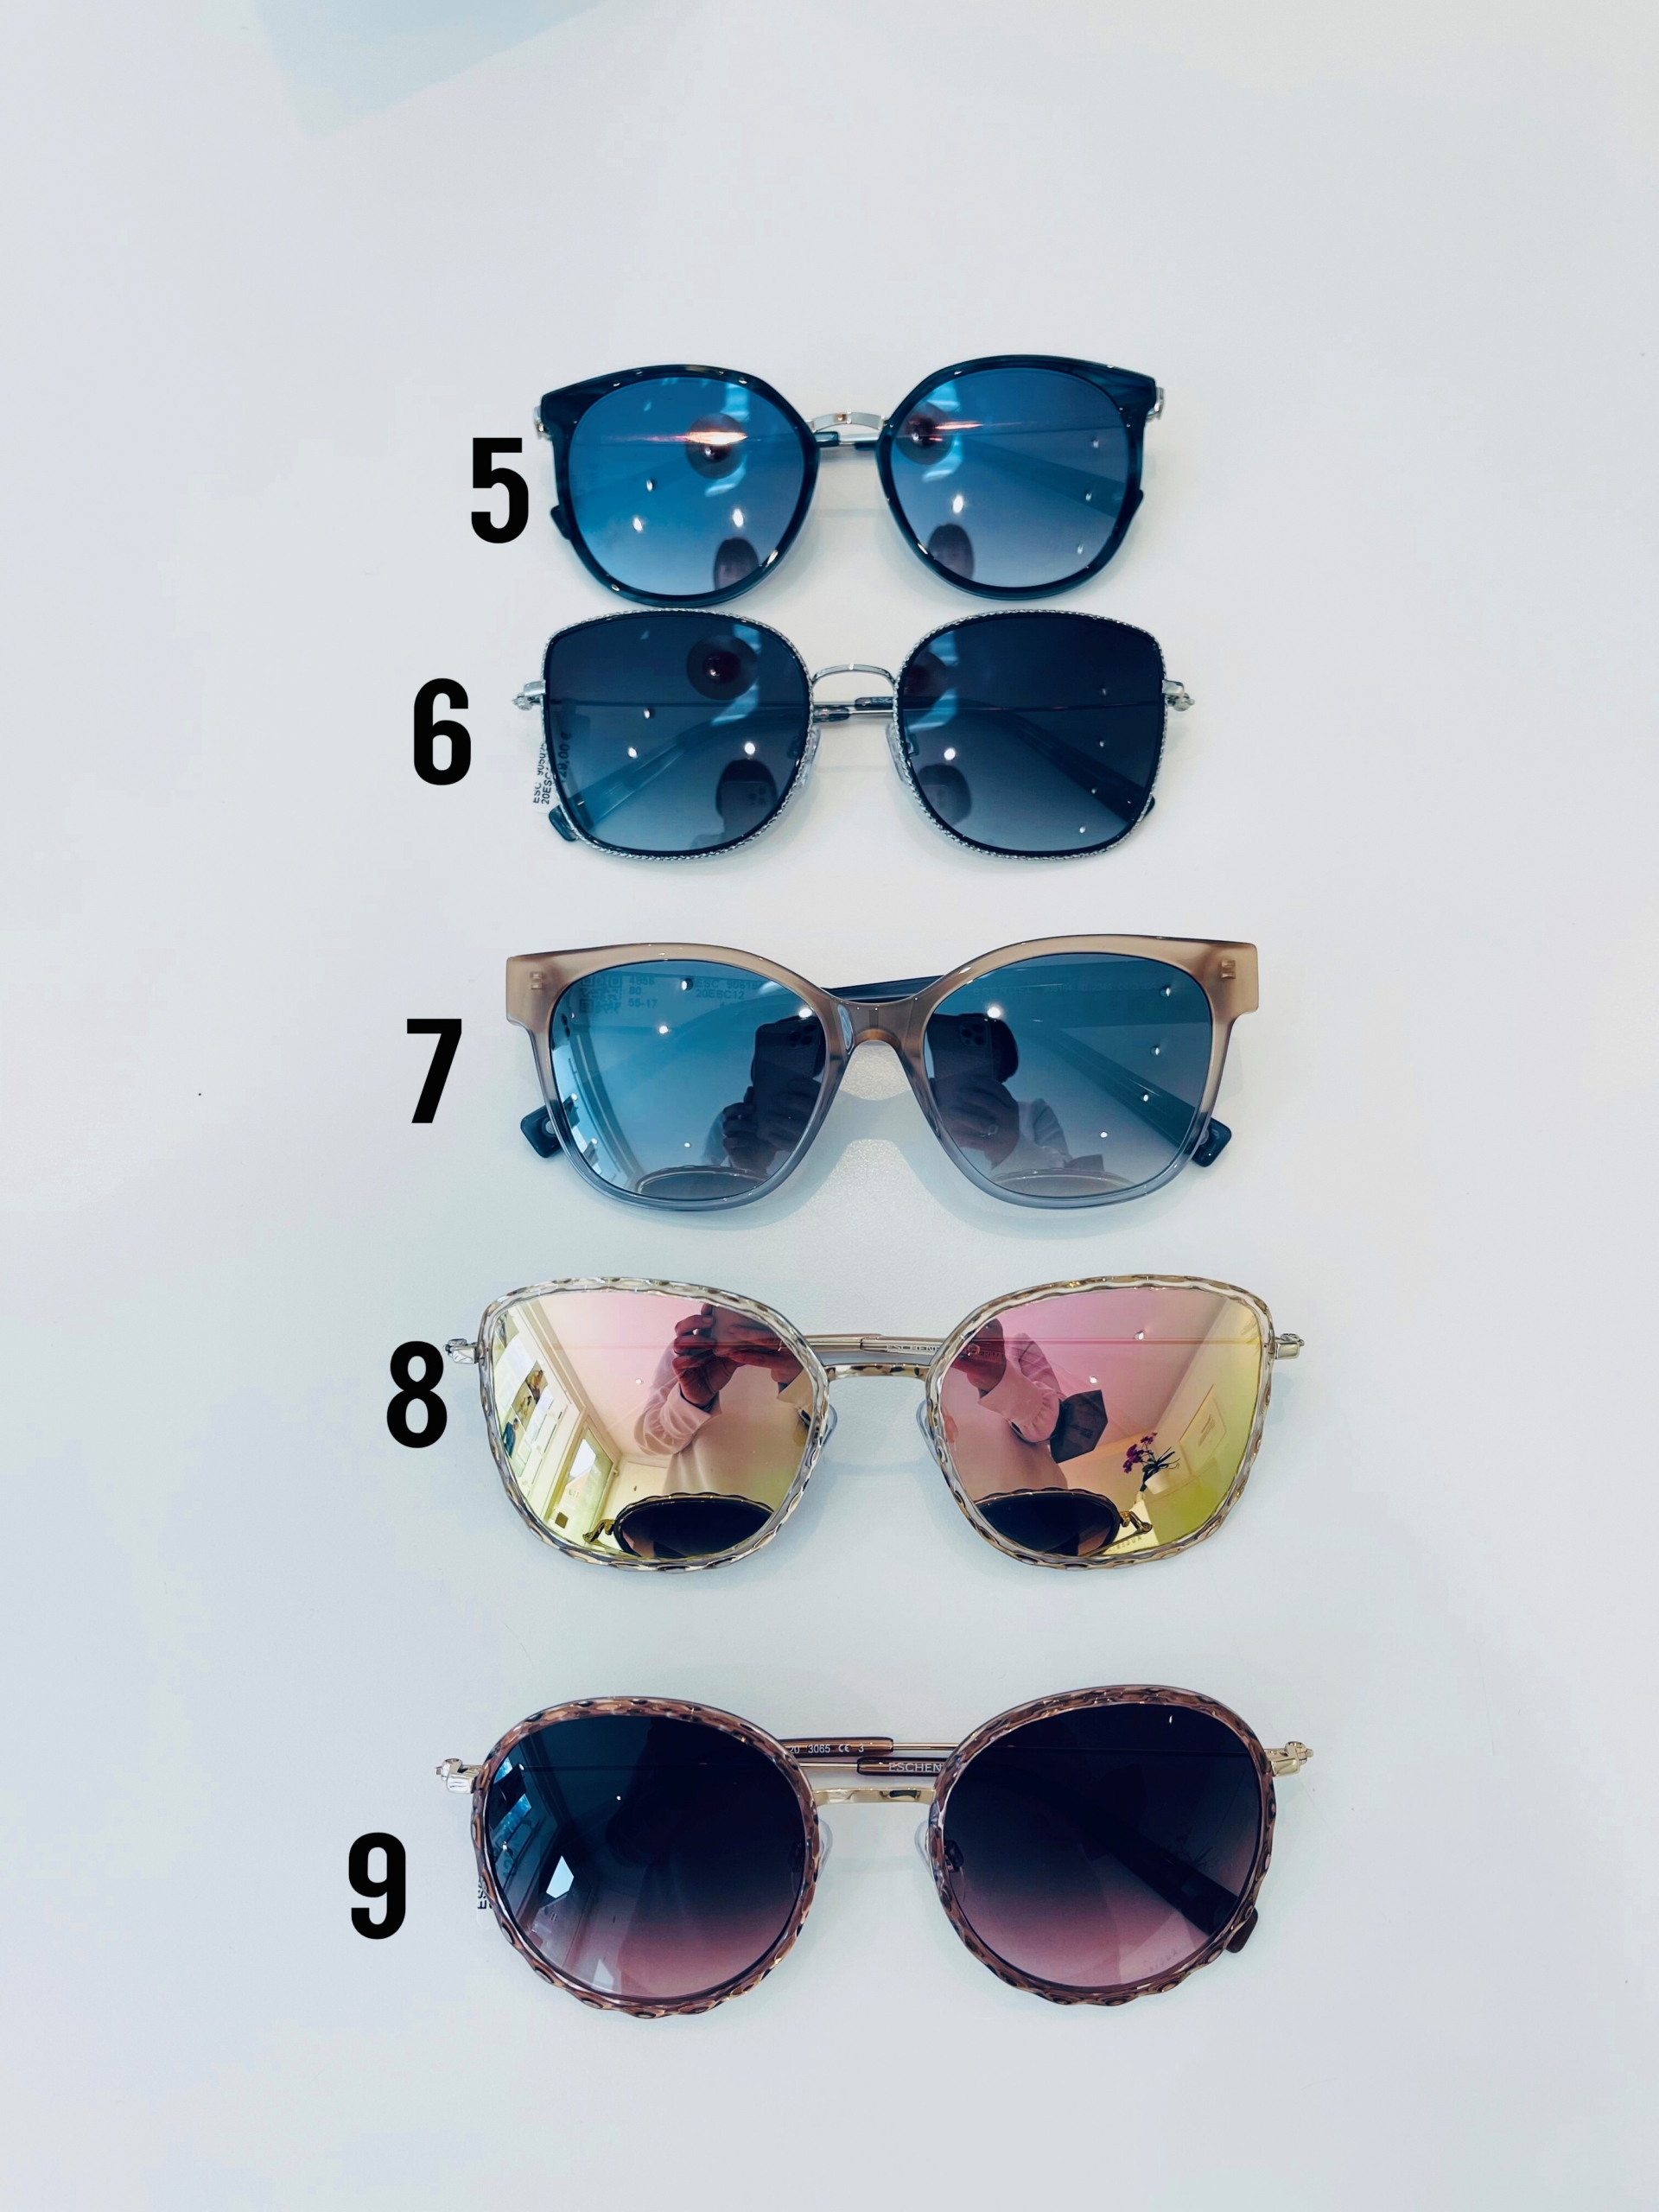 Optiker Augensache Brille Sonnenbrille Friedberg_31032021_2